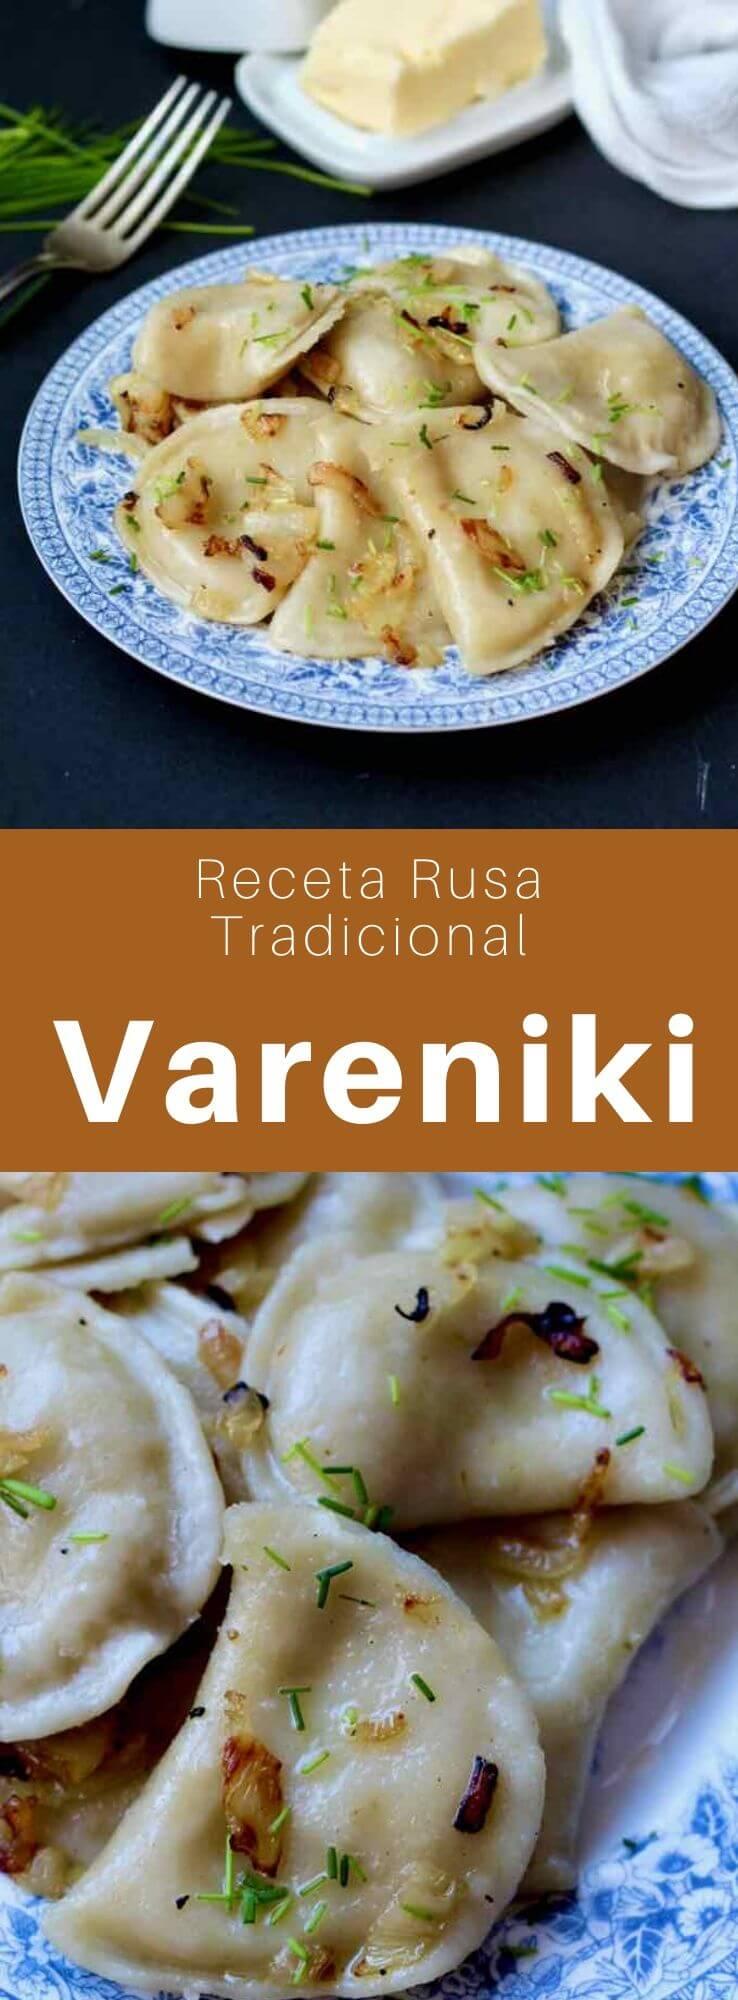 Los vareniki (варе́ники) son dumplings similares a los pierogi polacos, que son tradicionales en Ucrania y Rusia. Tienen varios tipos de rellenos, siendo el puré de patata el más clásico.